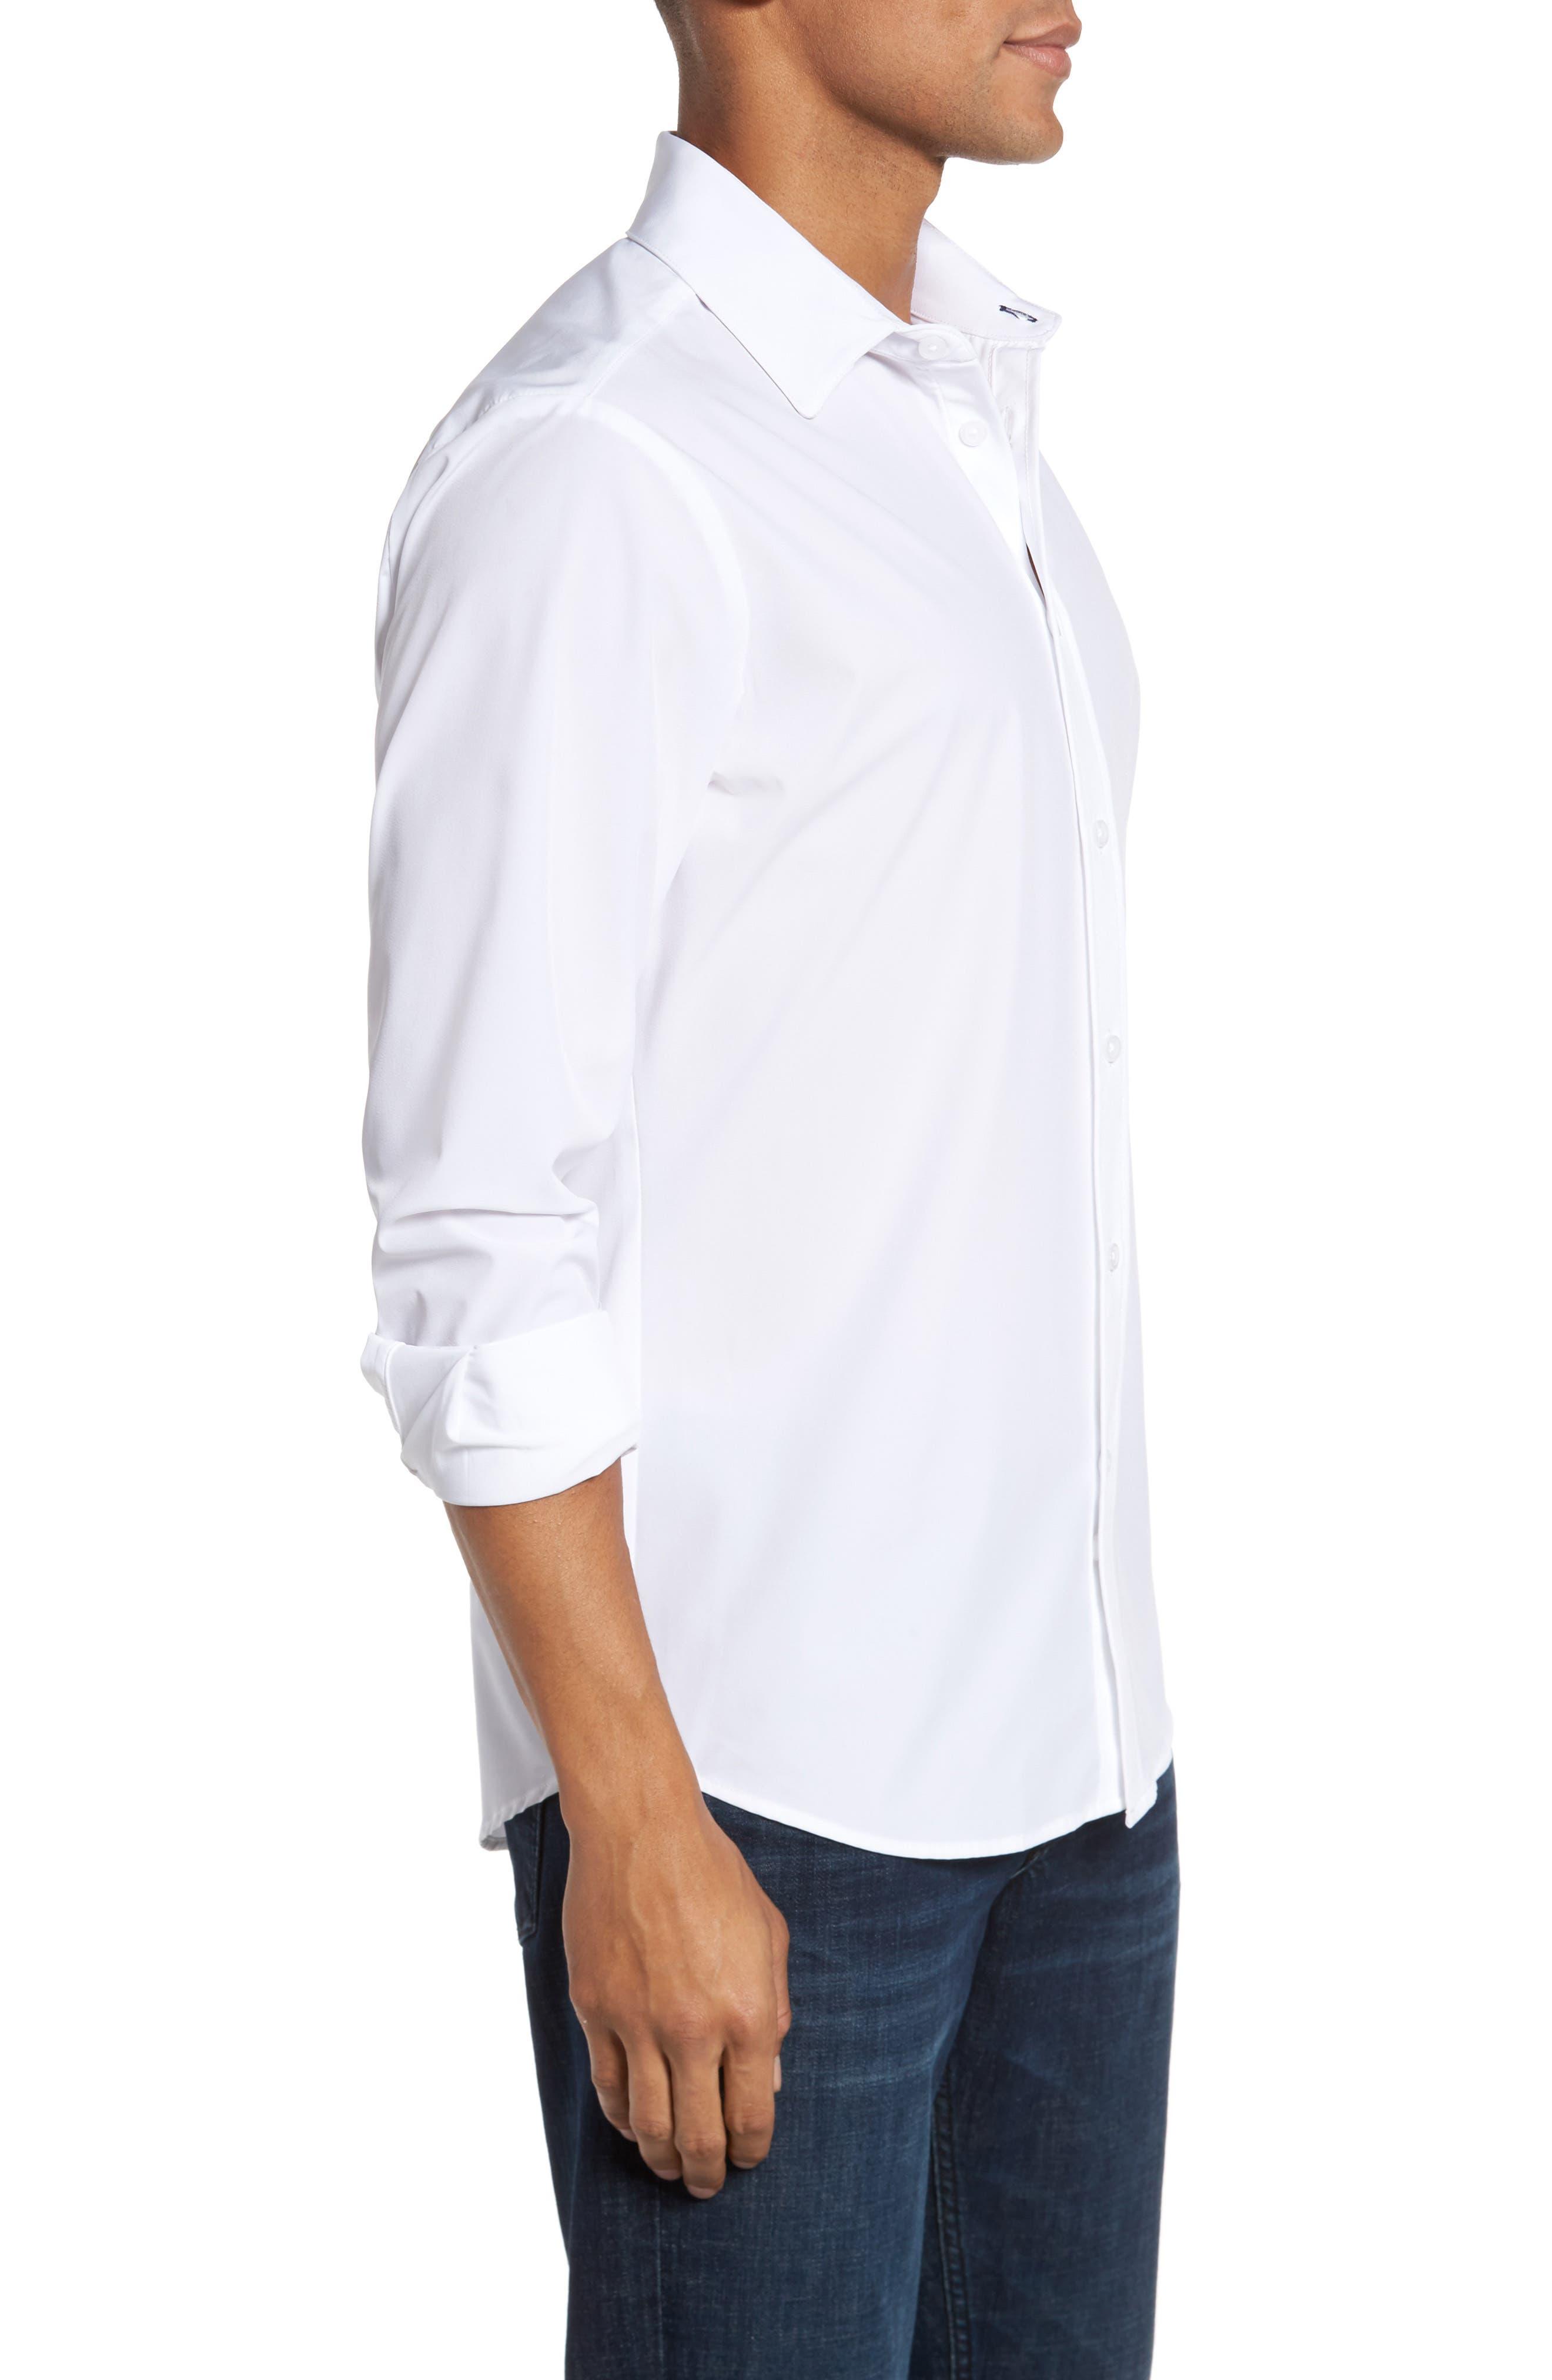 Stockton Sport Shirt,                             Alternate thumbnail 3, color,                             100